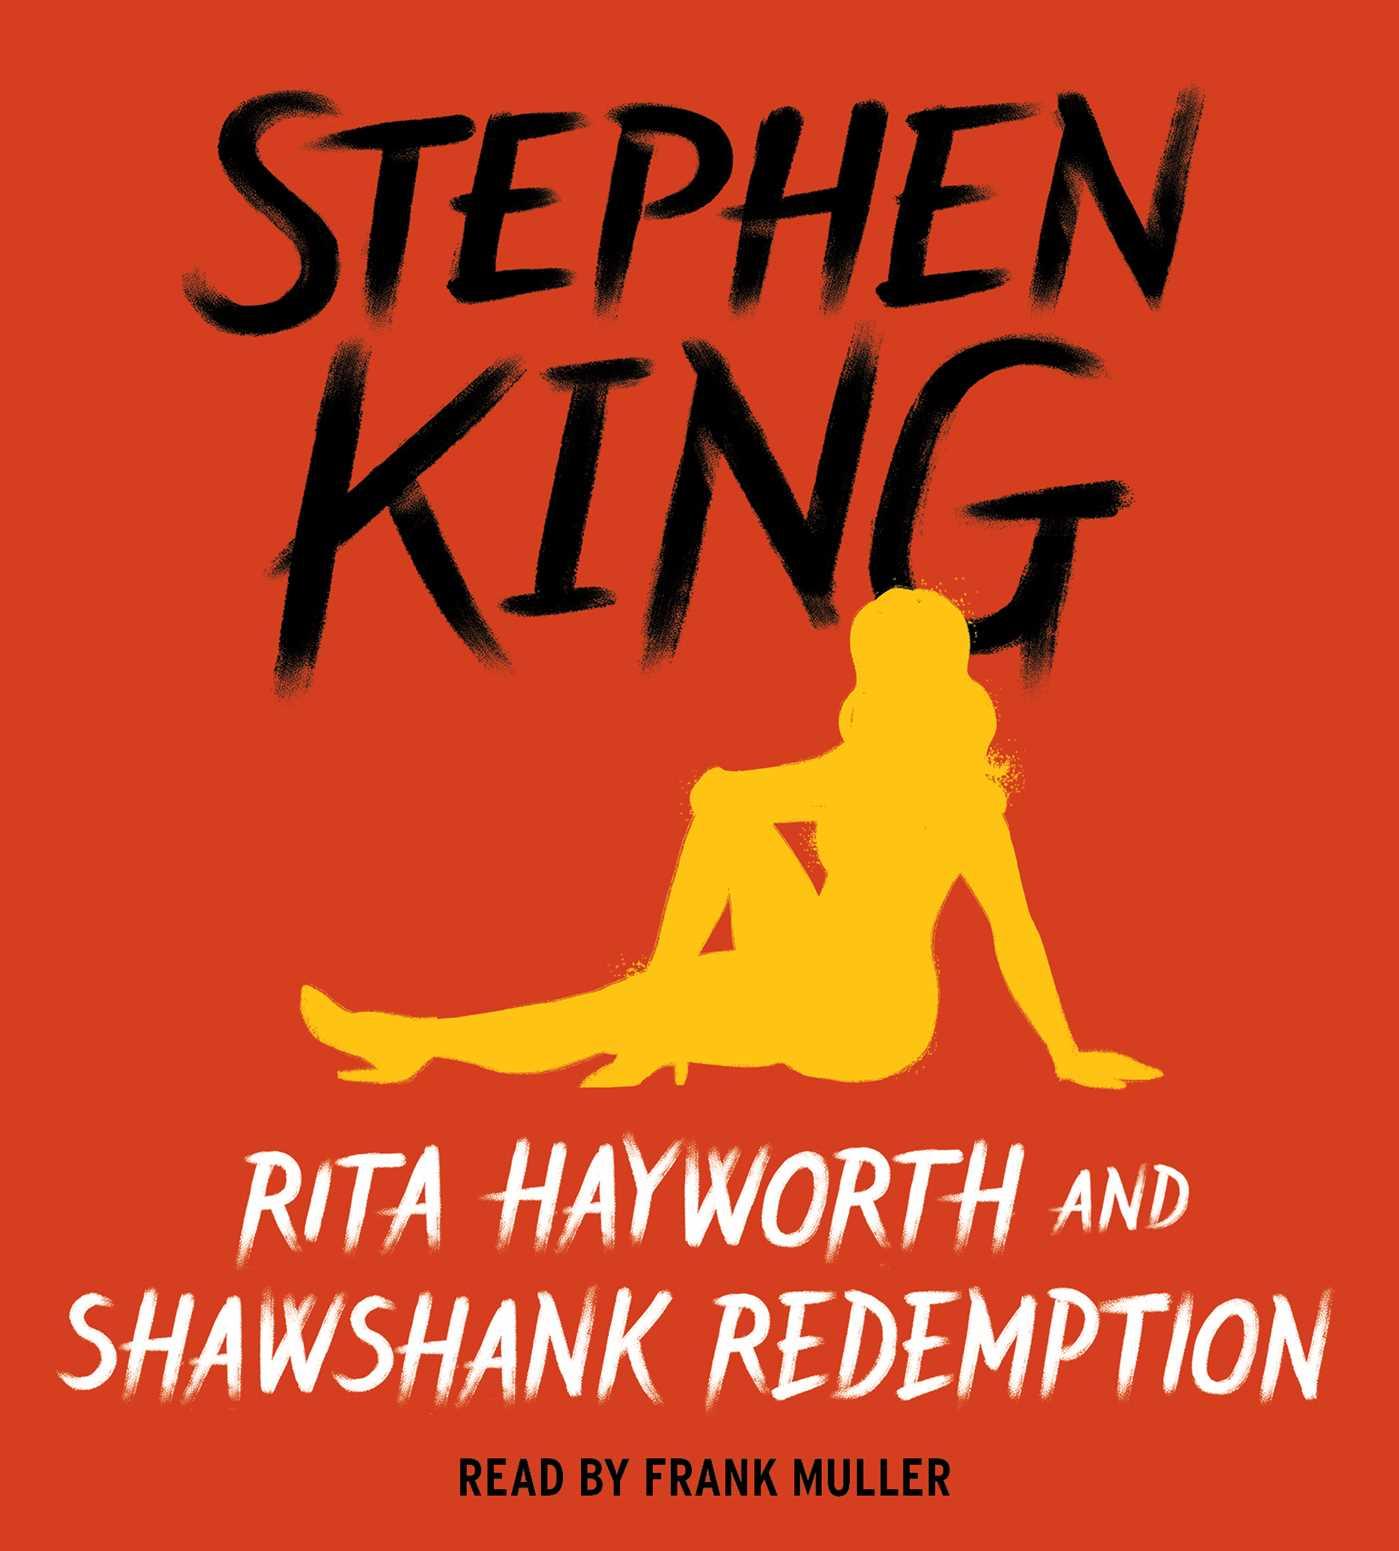 Rita hayworth and shawshank redemption 9781508218531 hr